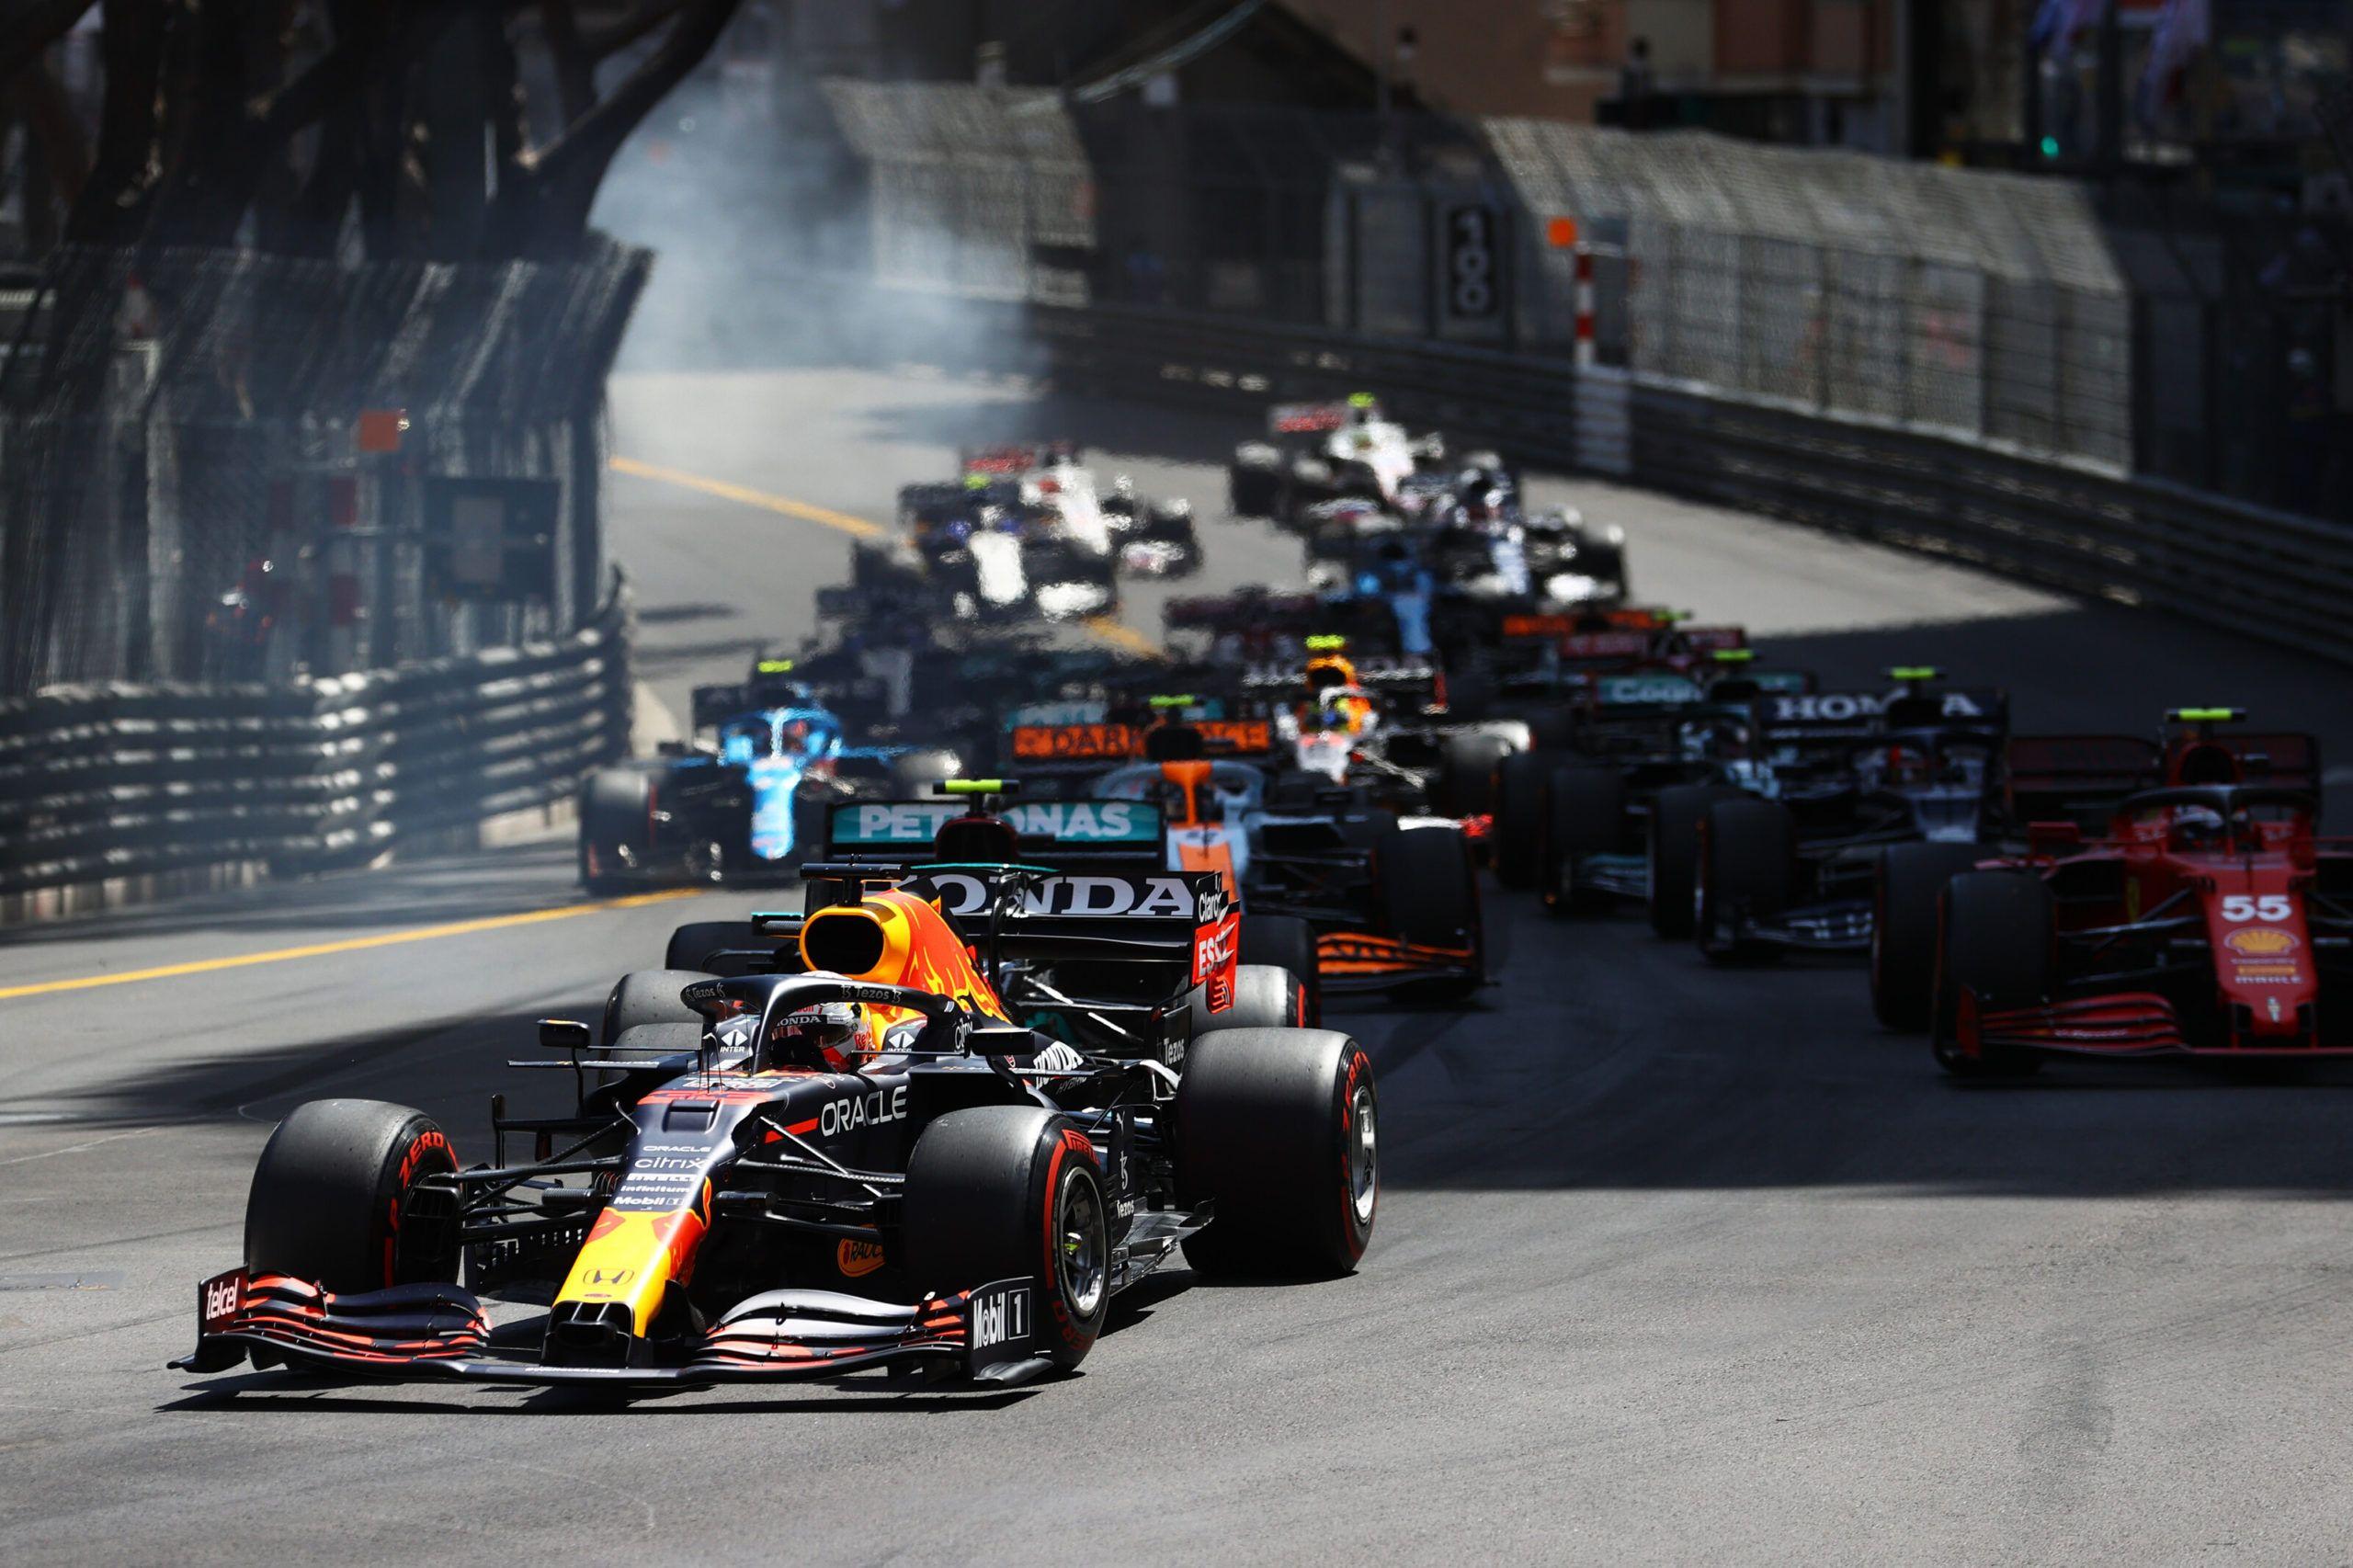 F1, Flexi Wings